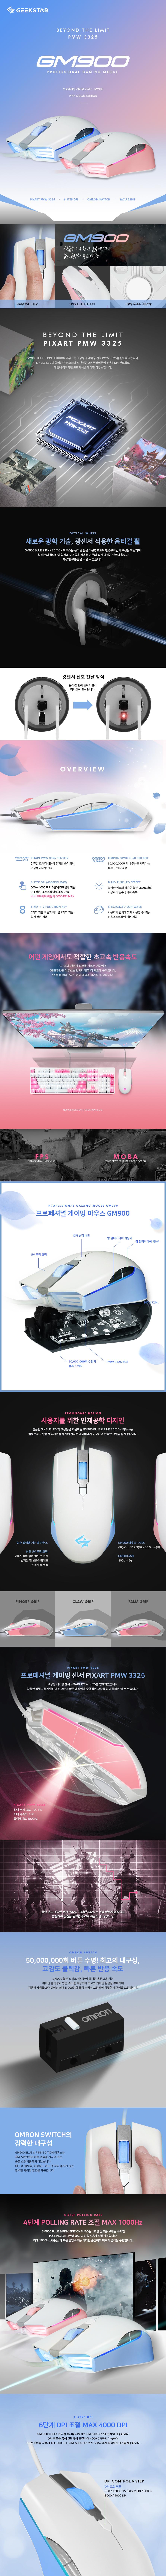 GM900_3325_bluepink_1